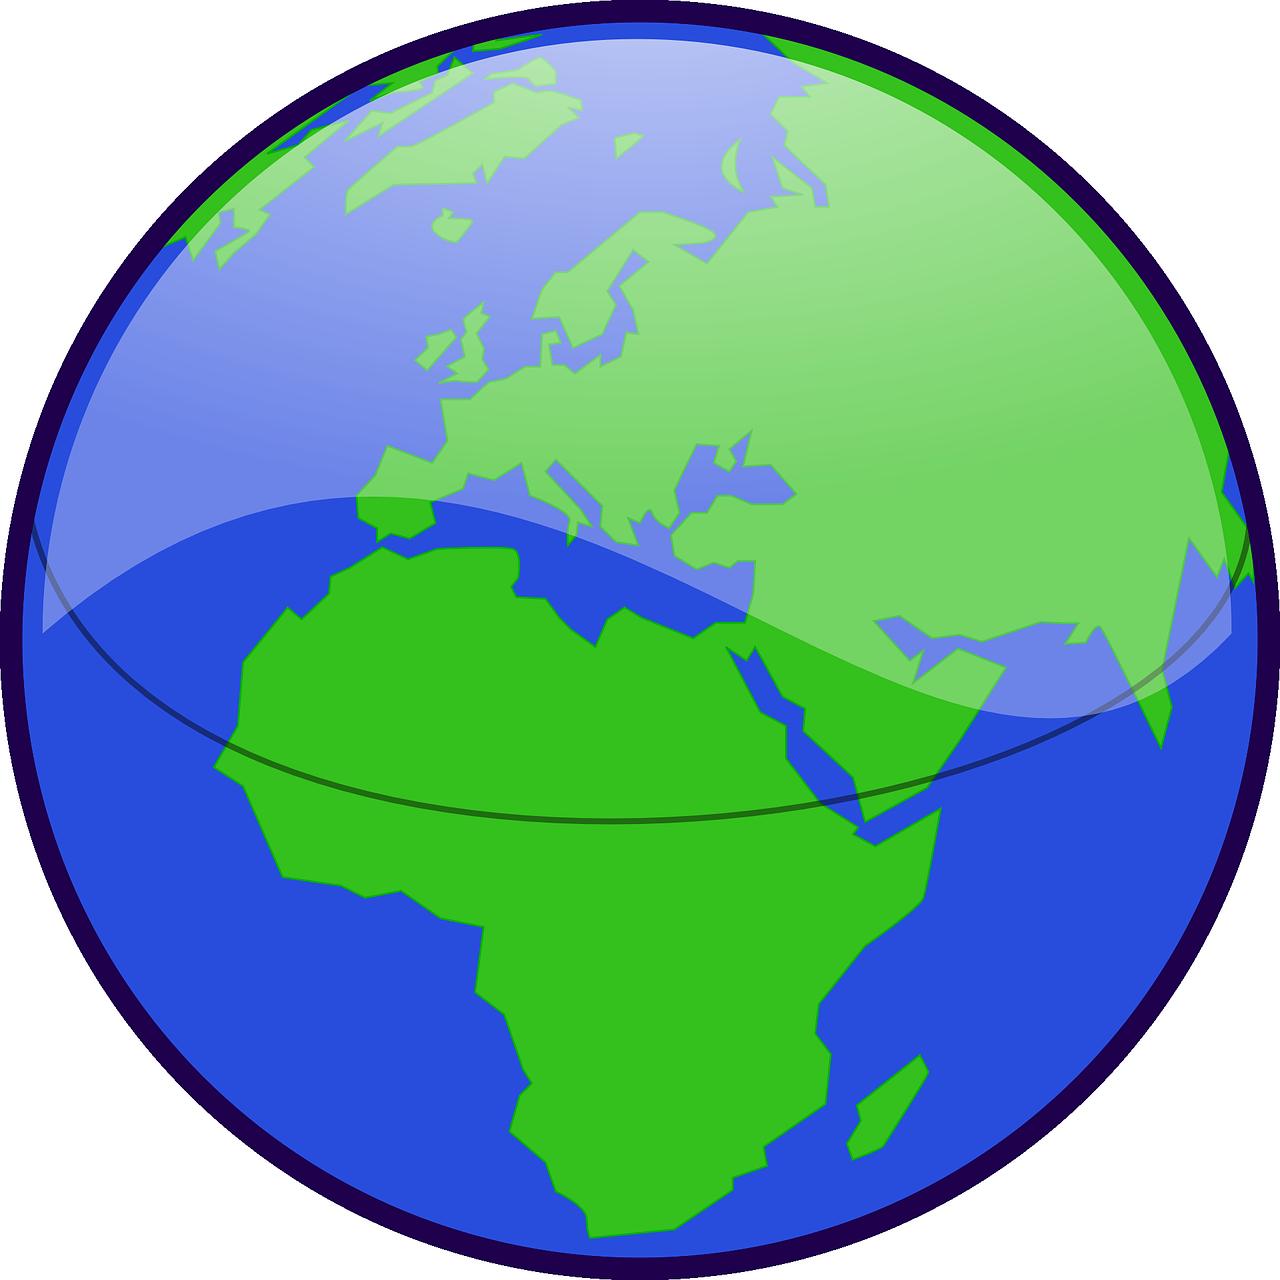 Stratégie d'internationalisation : découvrez les 5 raisons de vous lancer !